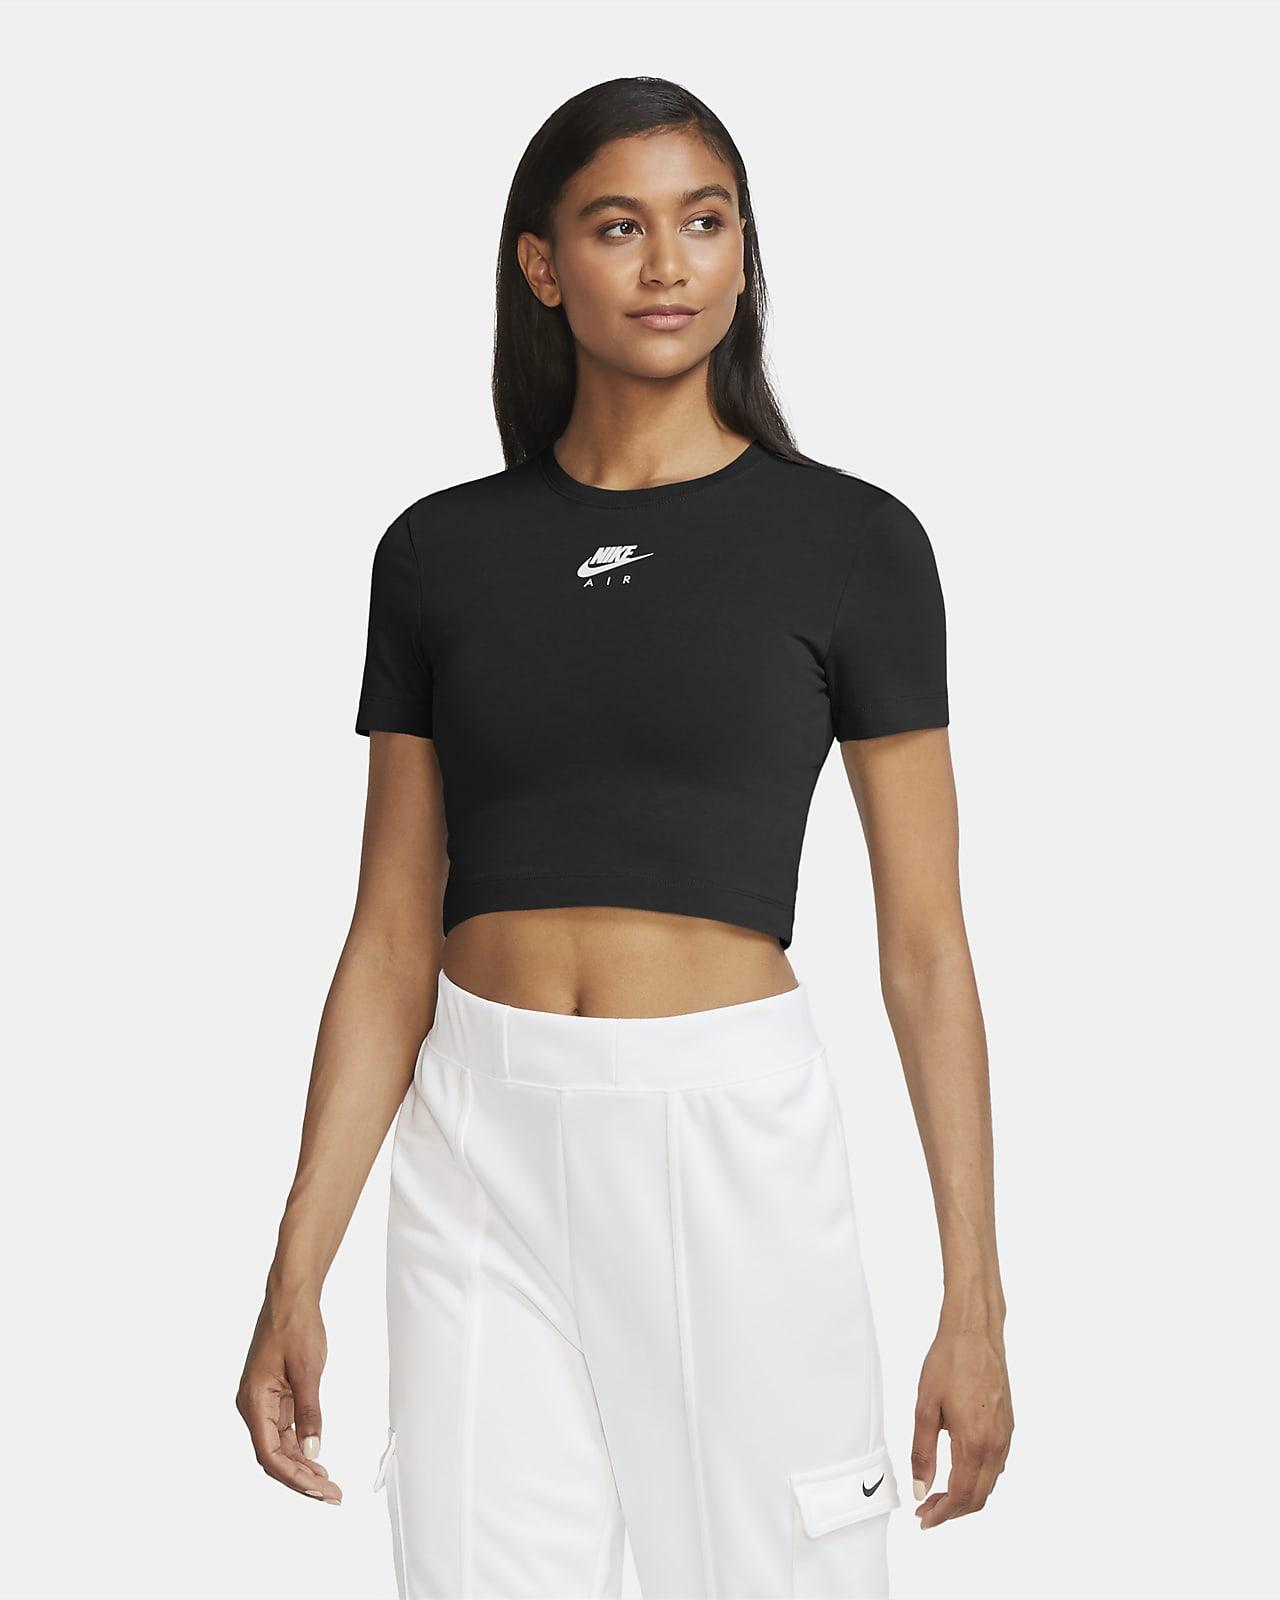 Nike Air rövid szabású női felső